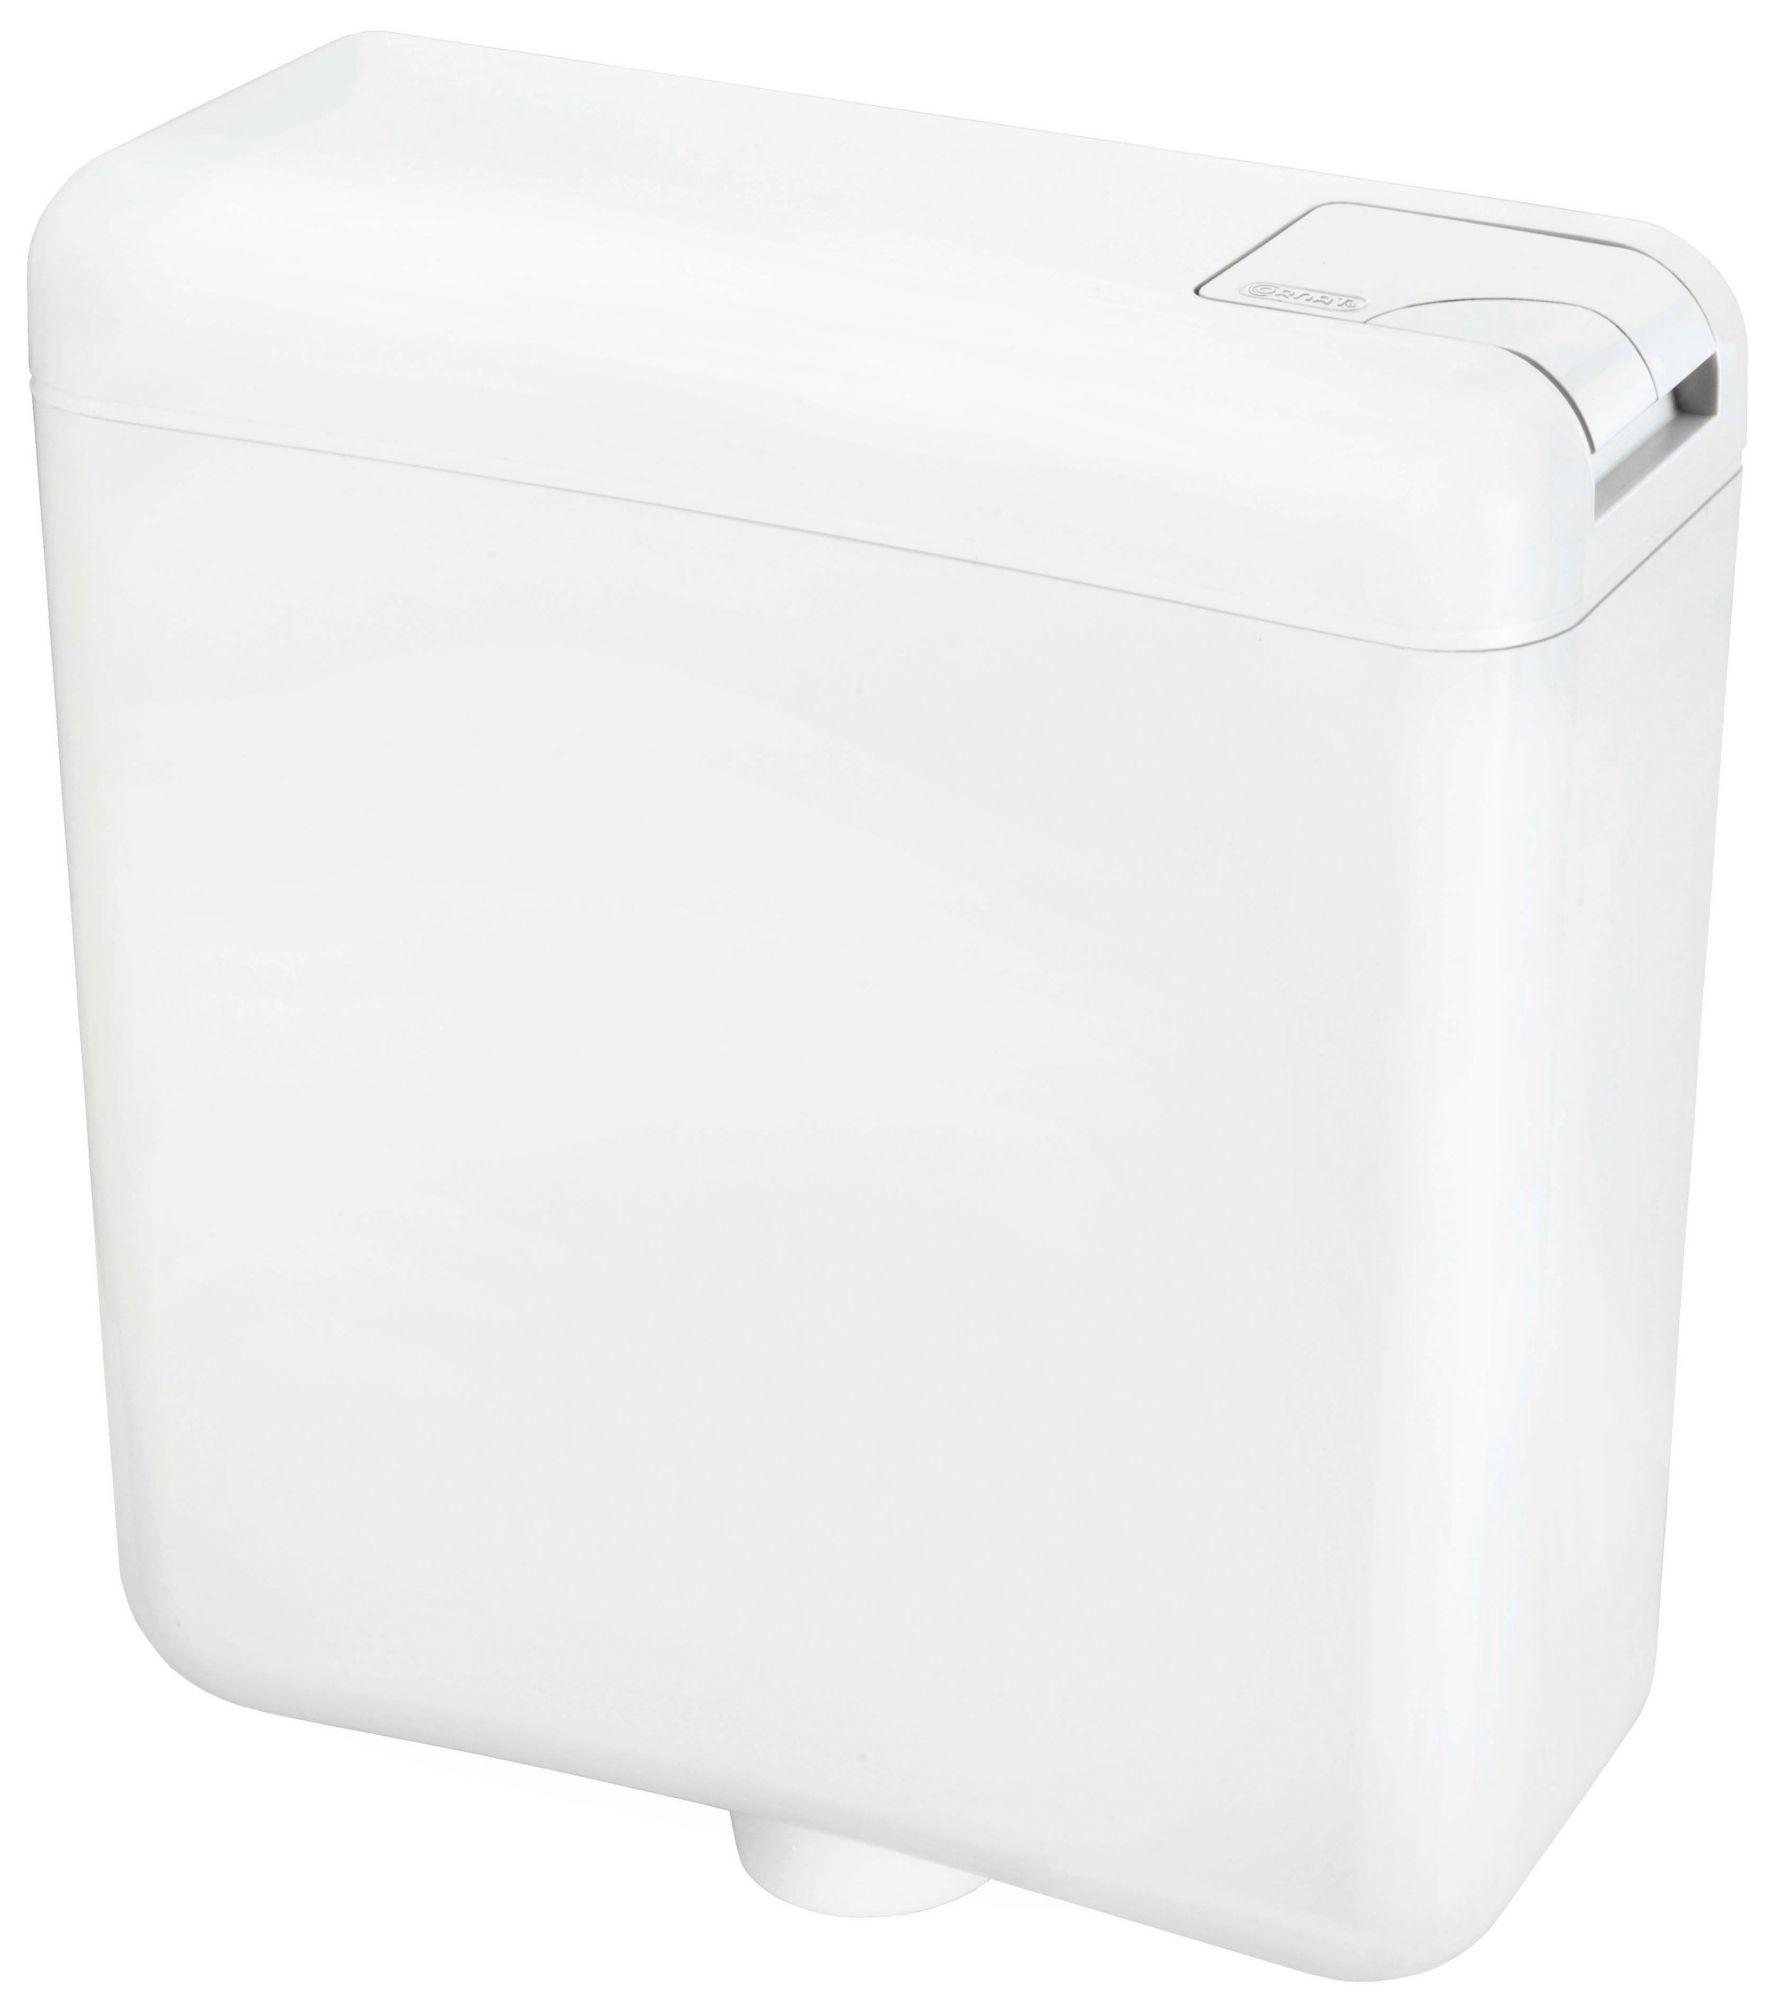 CORNAT Cornat WC-Spülkasten, weiß